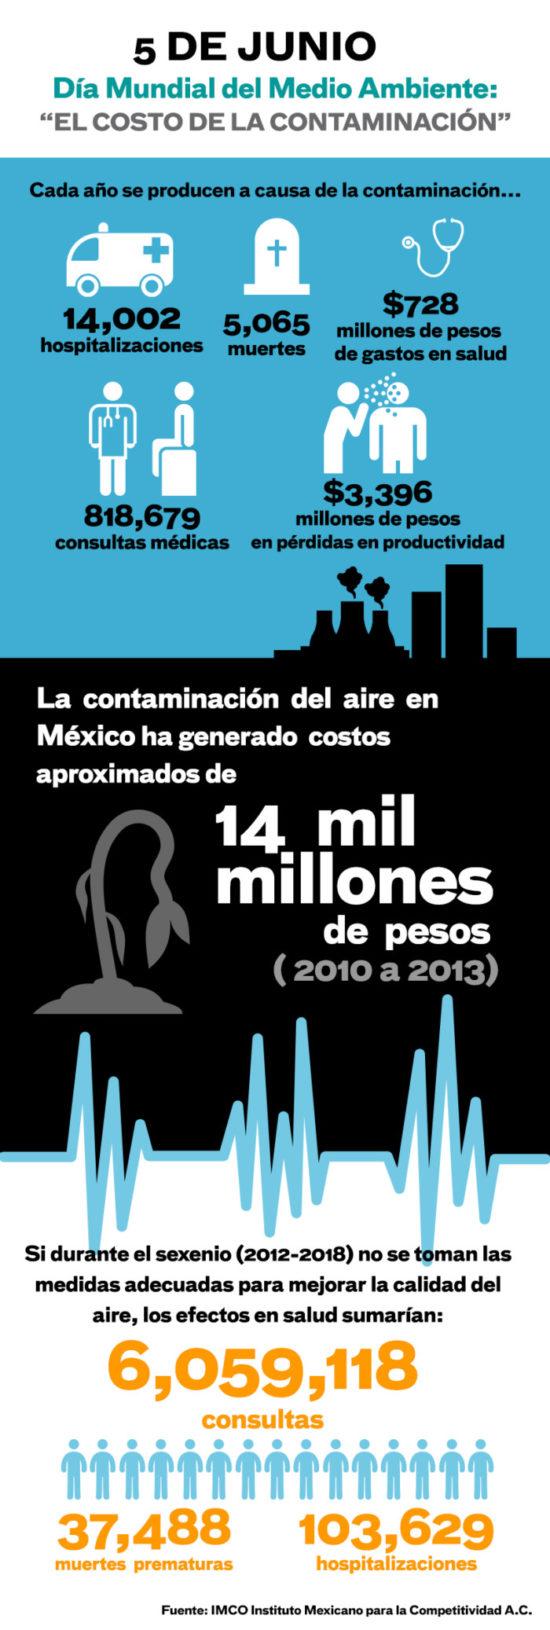 Infografia dia del medio ambiente (1)